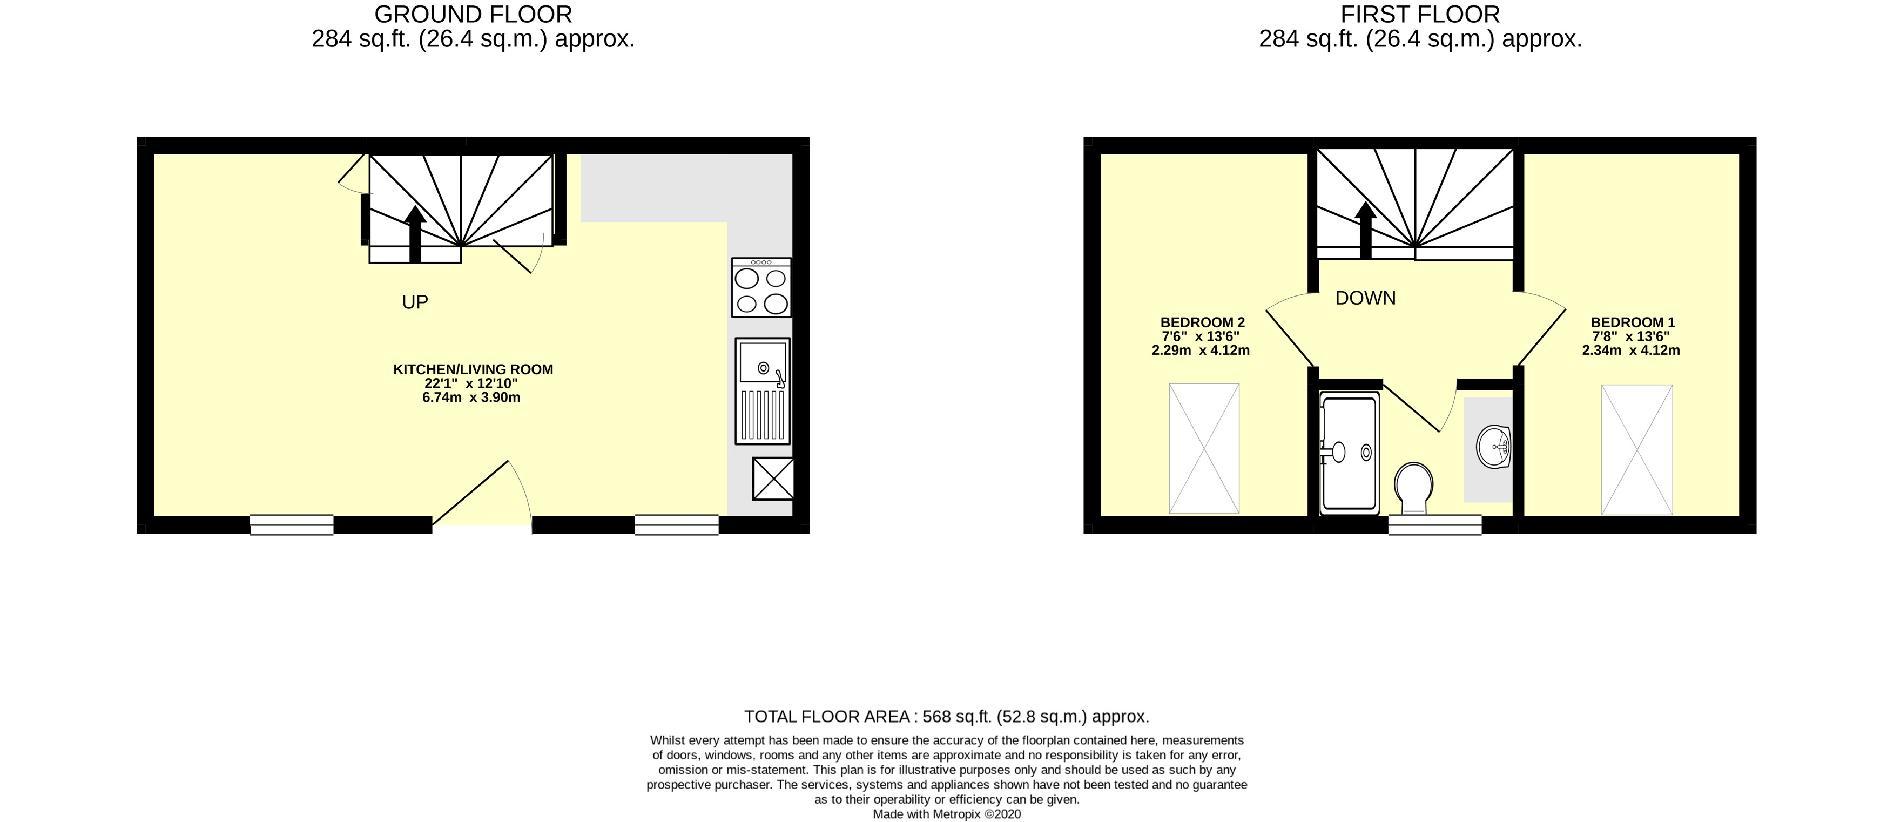 Floor plan images